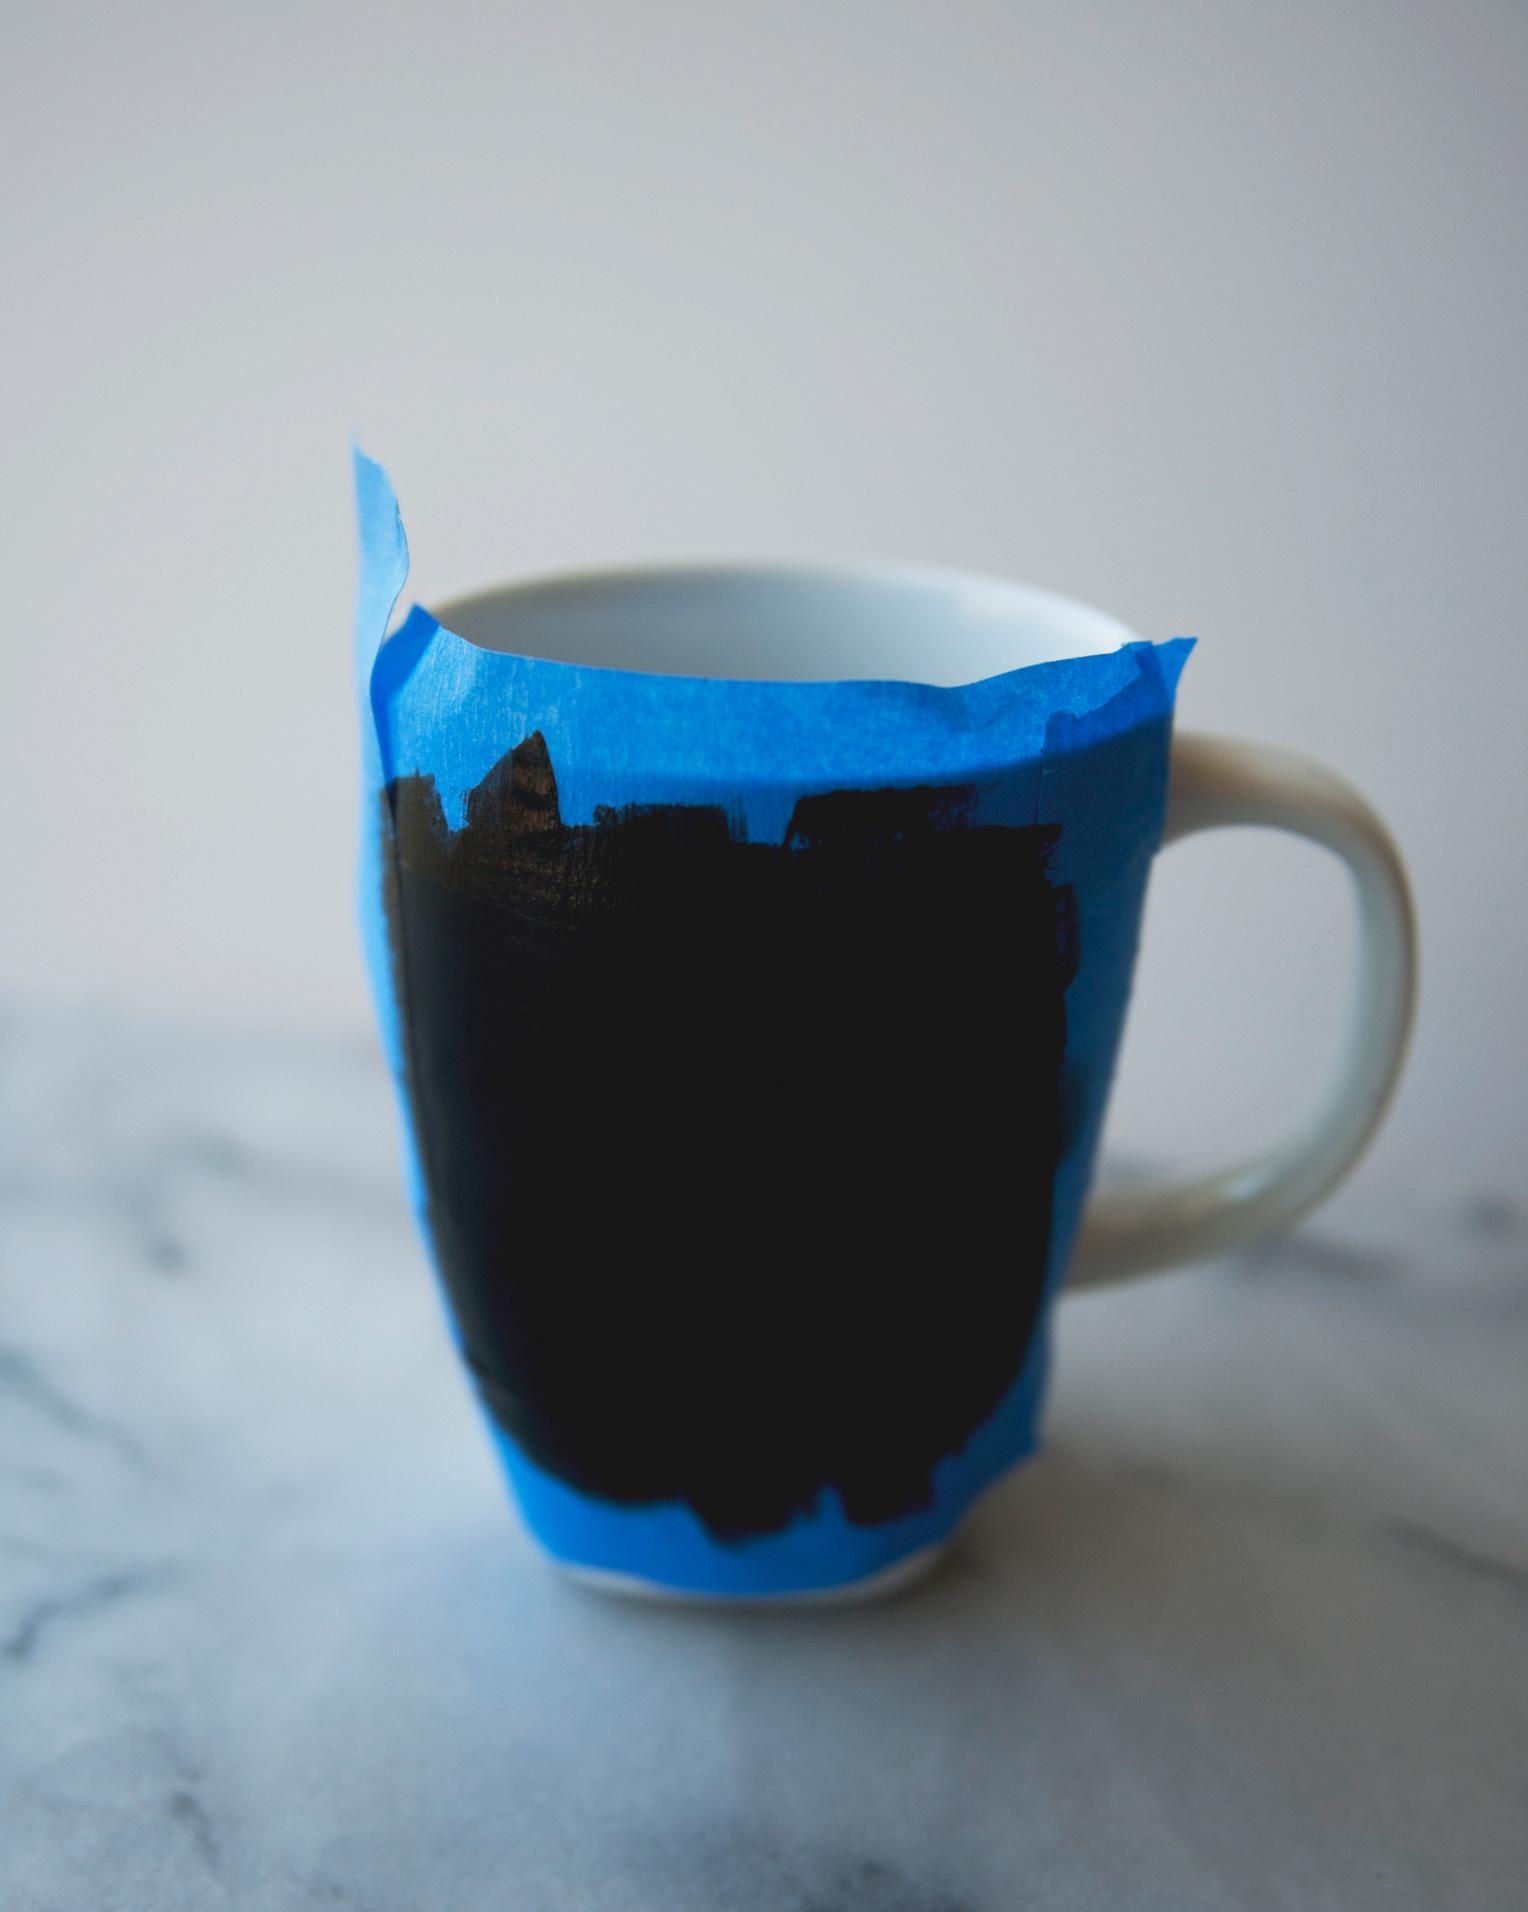 claire-thomas-bridal-shower-tea-diy-coffee-mug-paint-0814.jpg